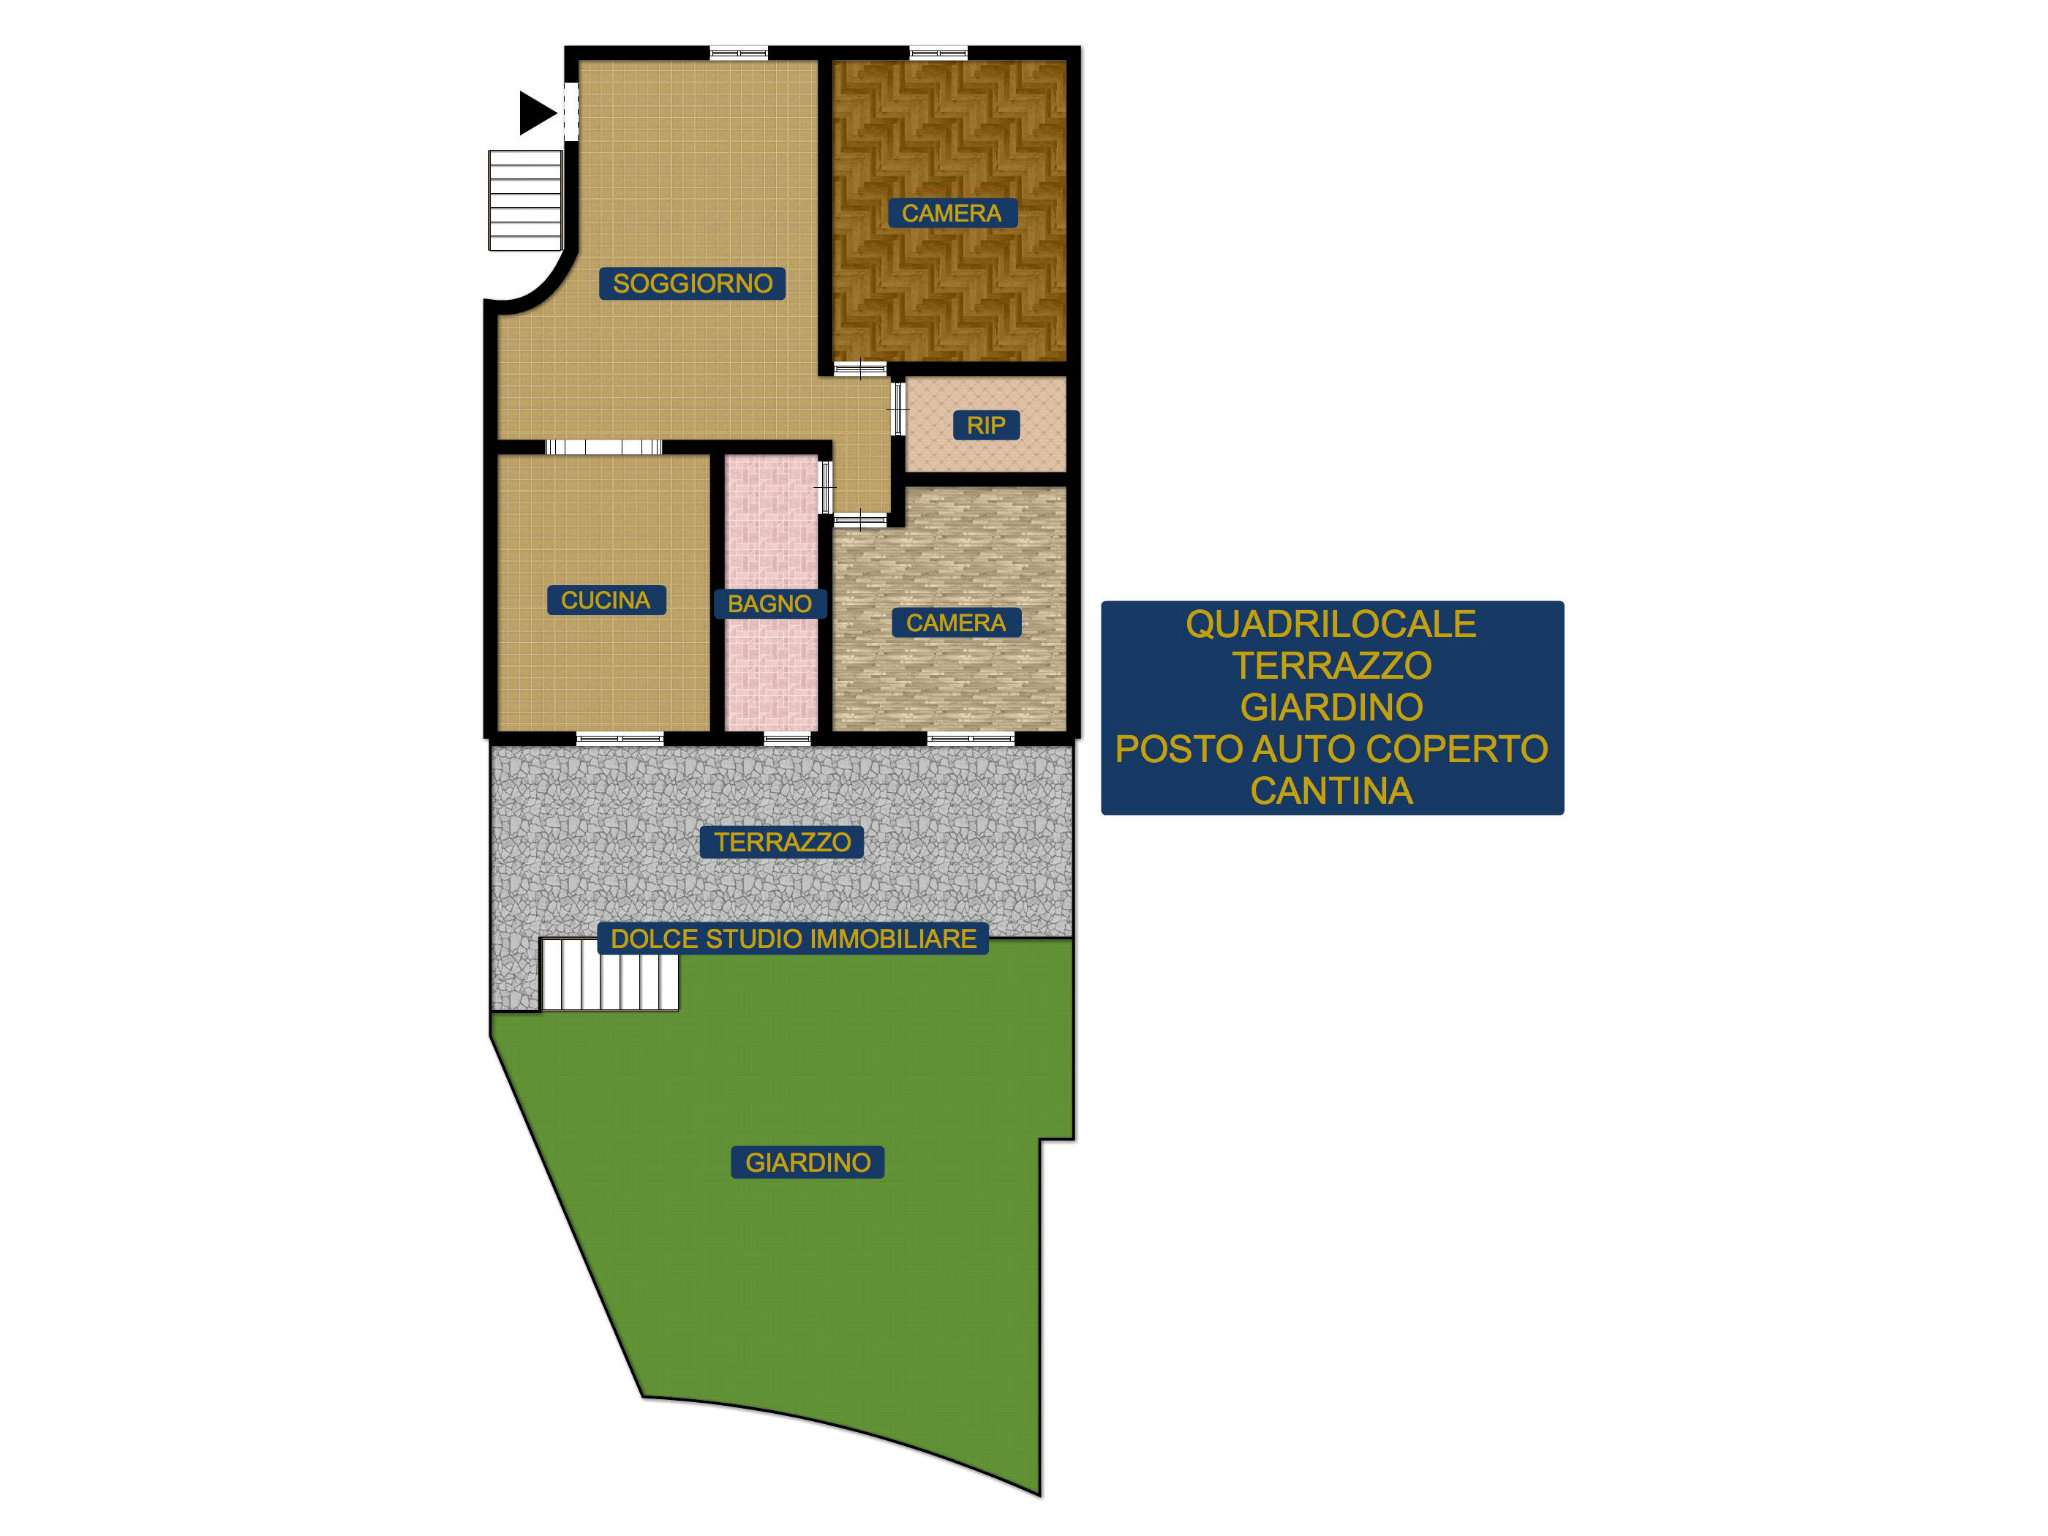 Appartamento in vendita a Santa Margherita Ligure, 4 locali, prezzo € 305.000 | CambioCasa.it